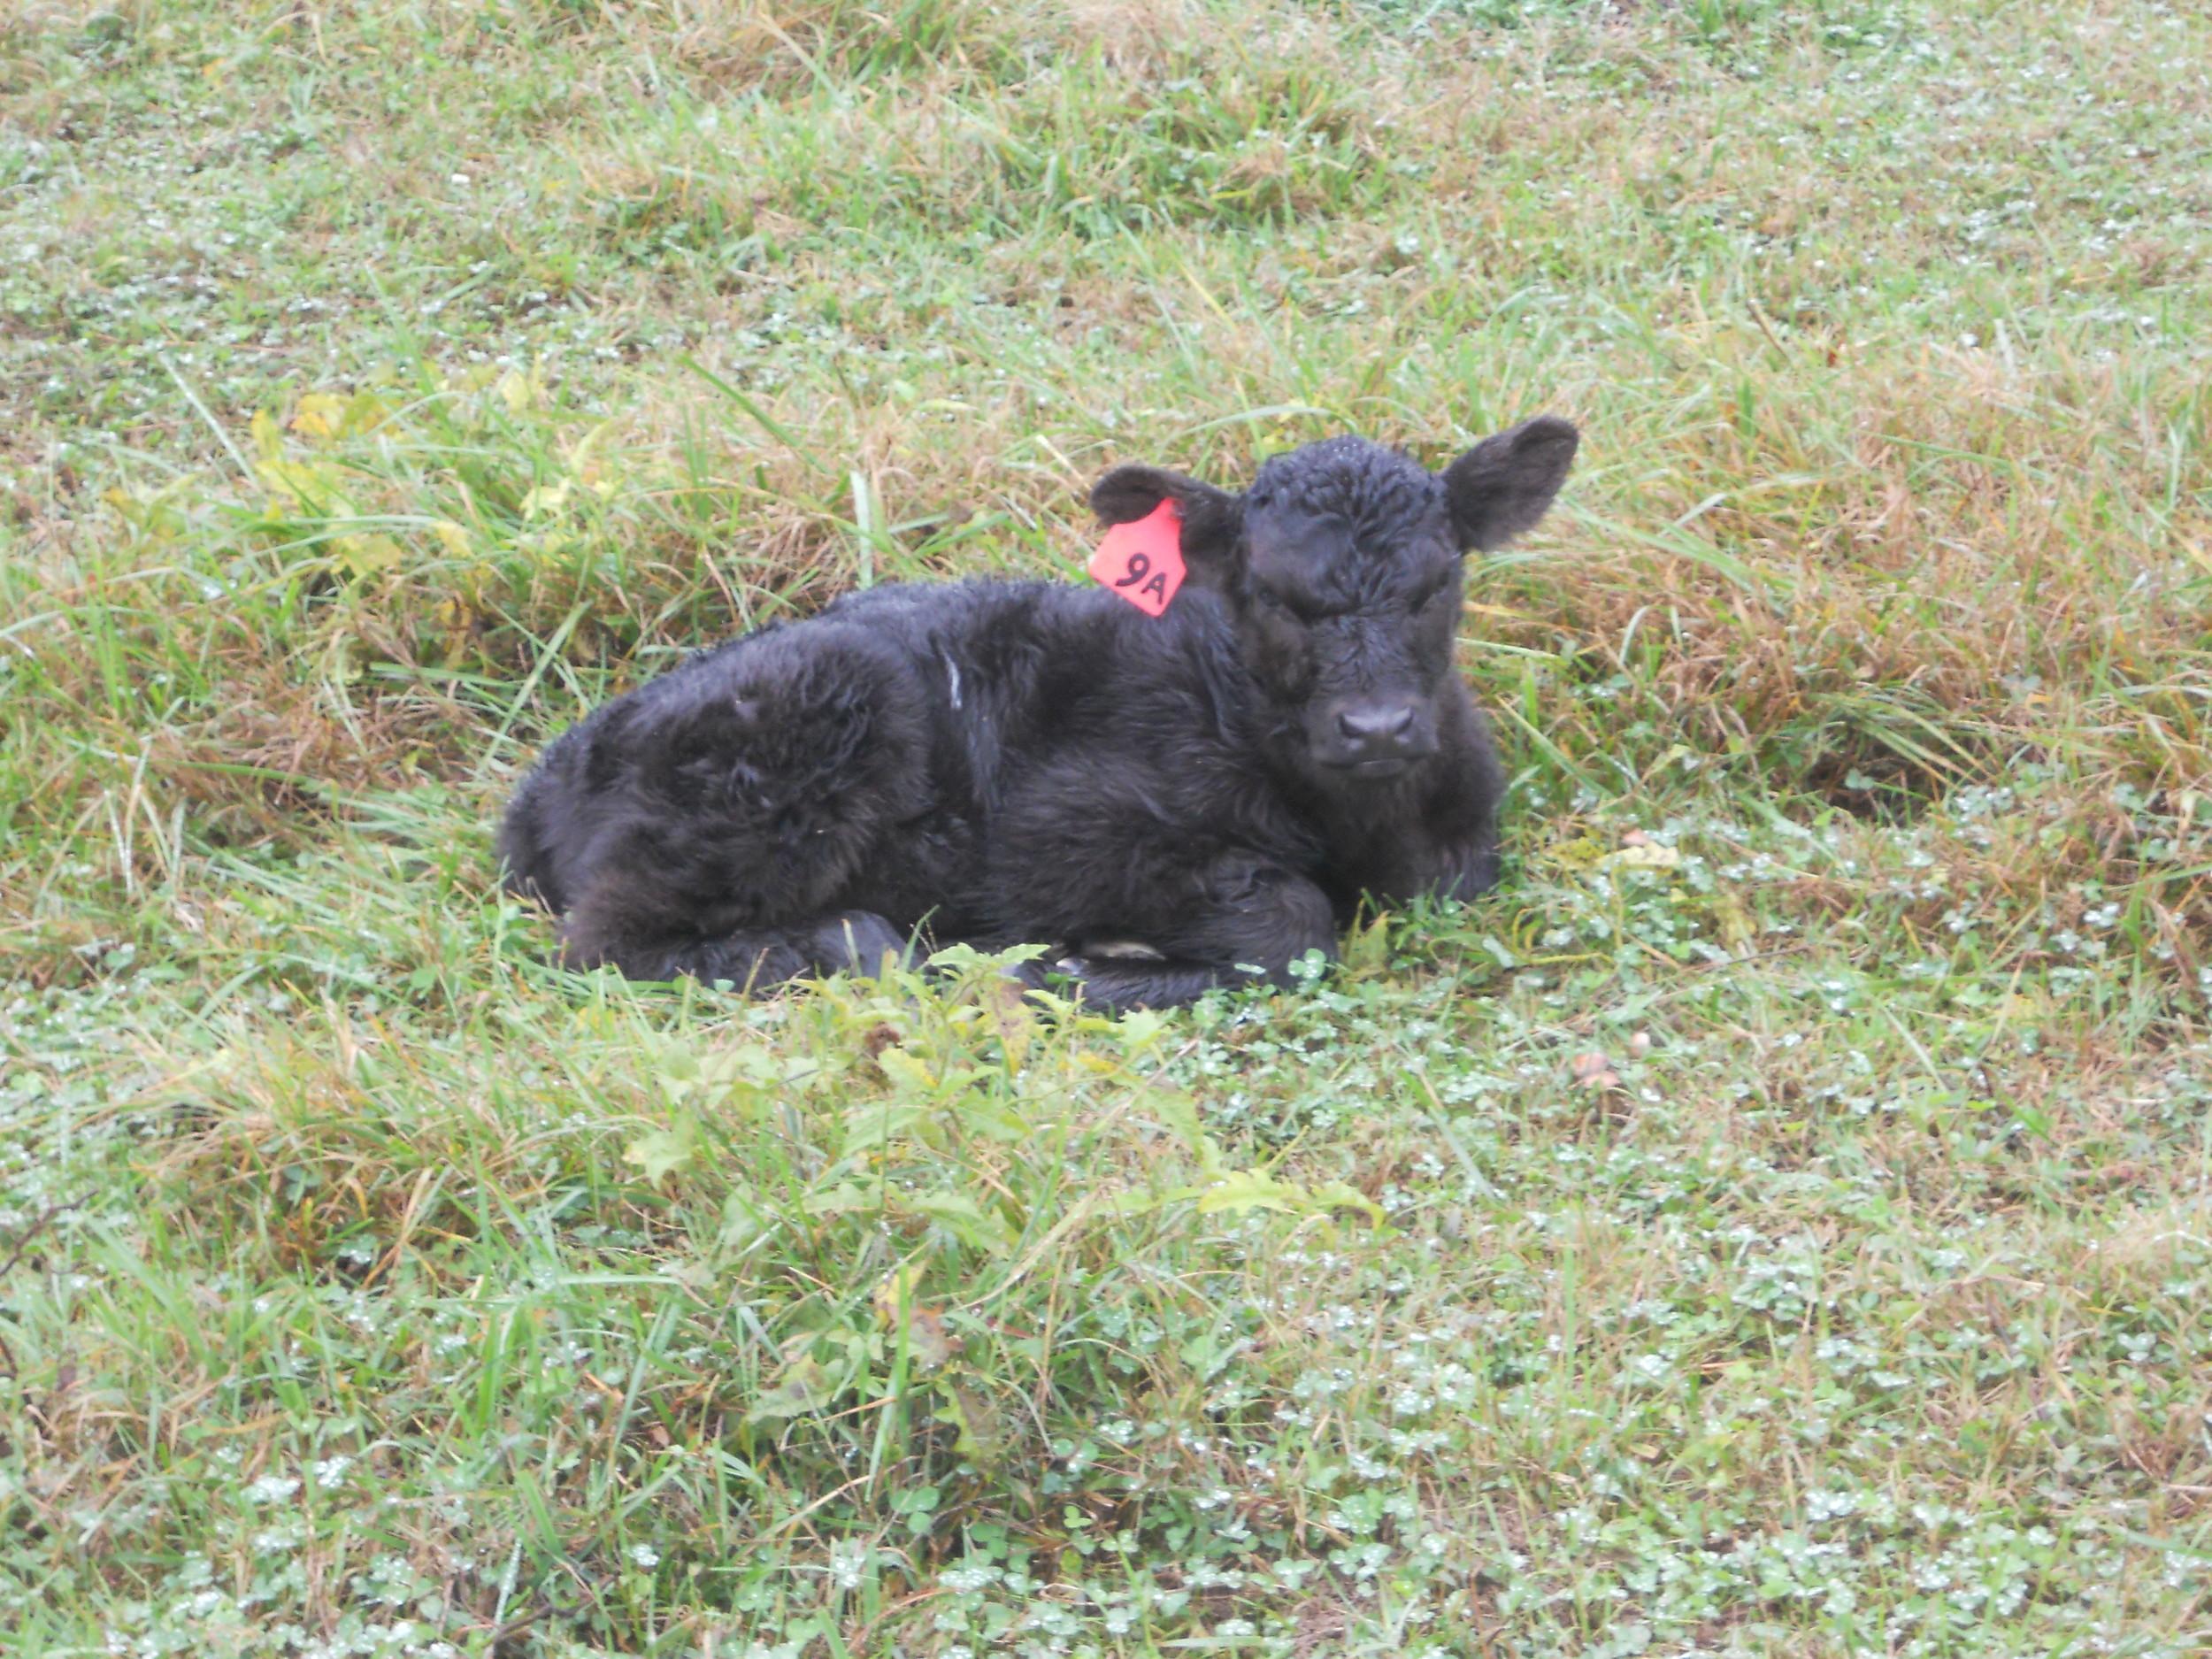 crossbred calf